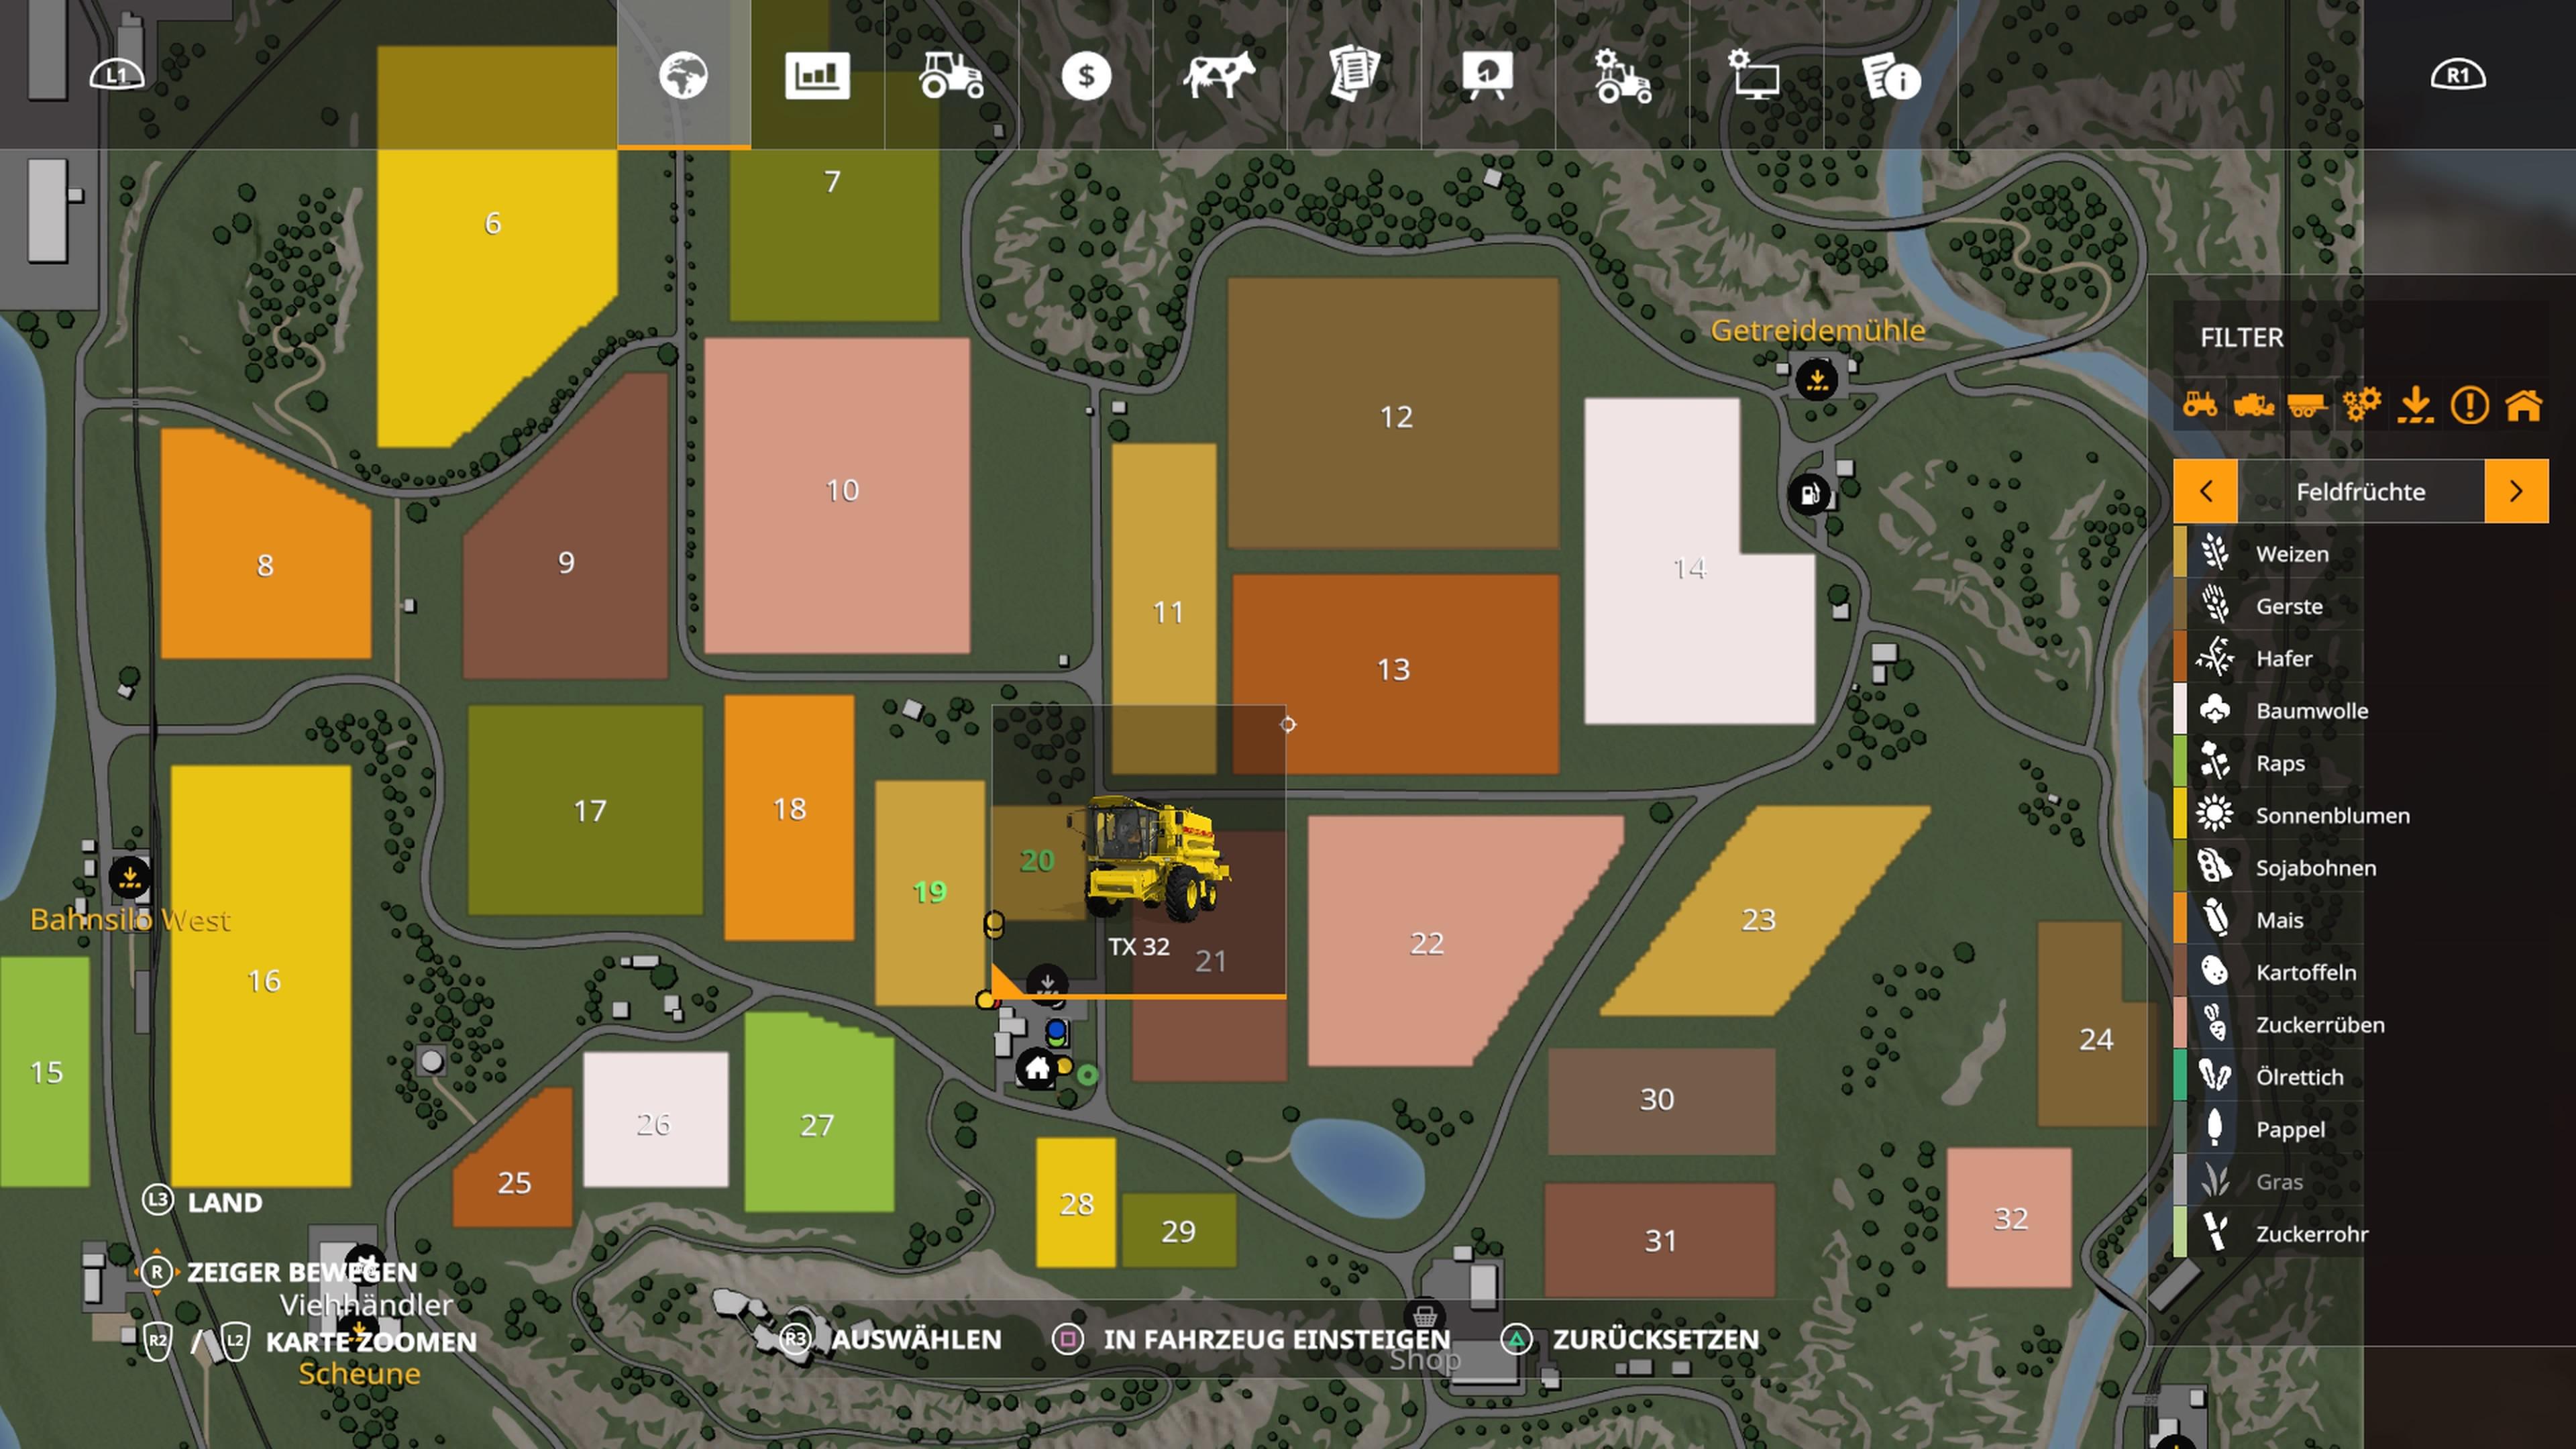 Landwirtschafts Simulator 19 Alle Symbole Erklart Karte Handler